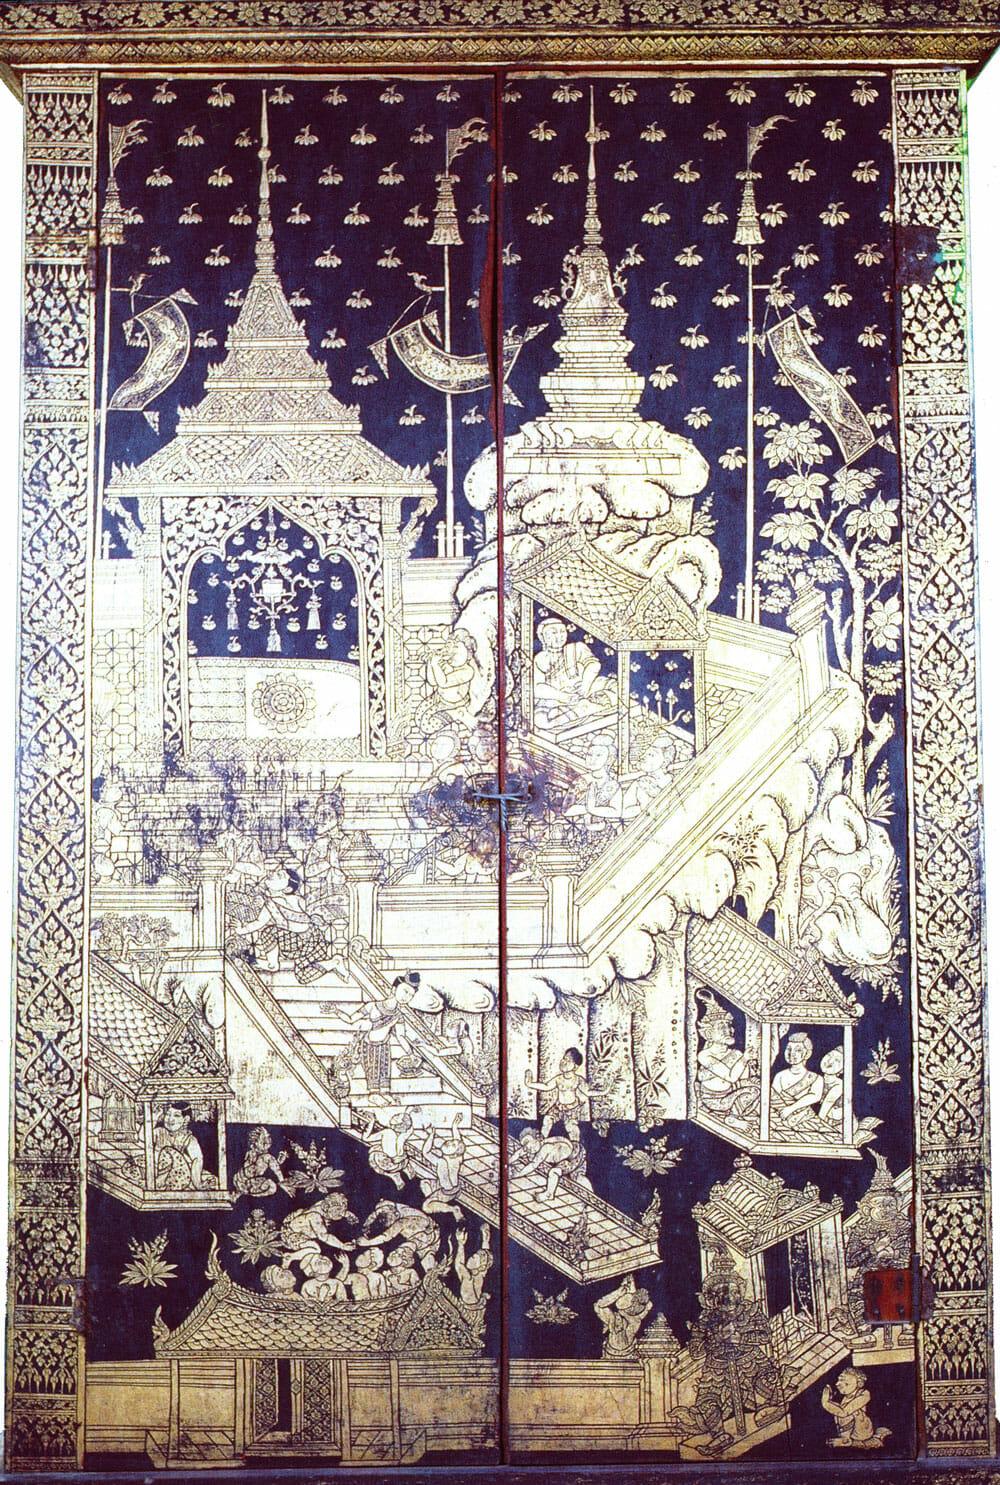 ภาพลายรดน้ำการนมัสการรอยพระพุทธบาทบนตู้พระธรรม สมัยรัตนโกสินทร์